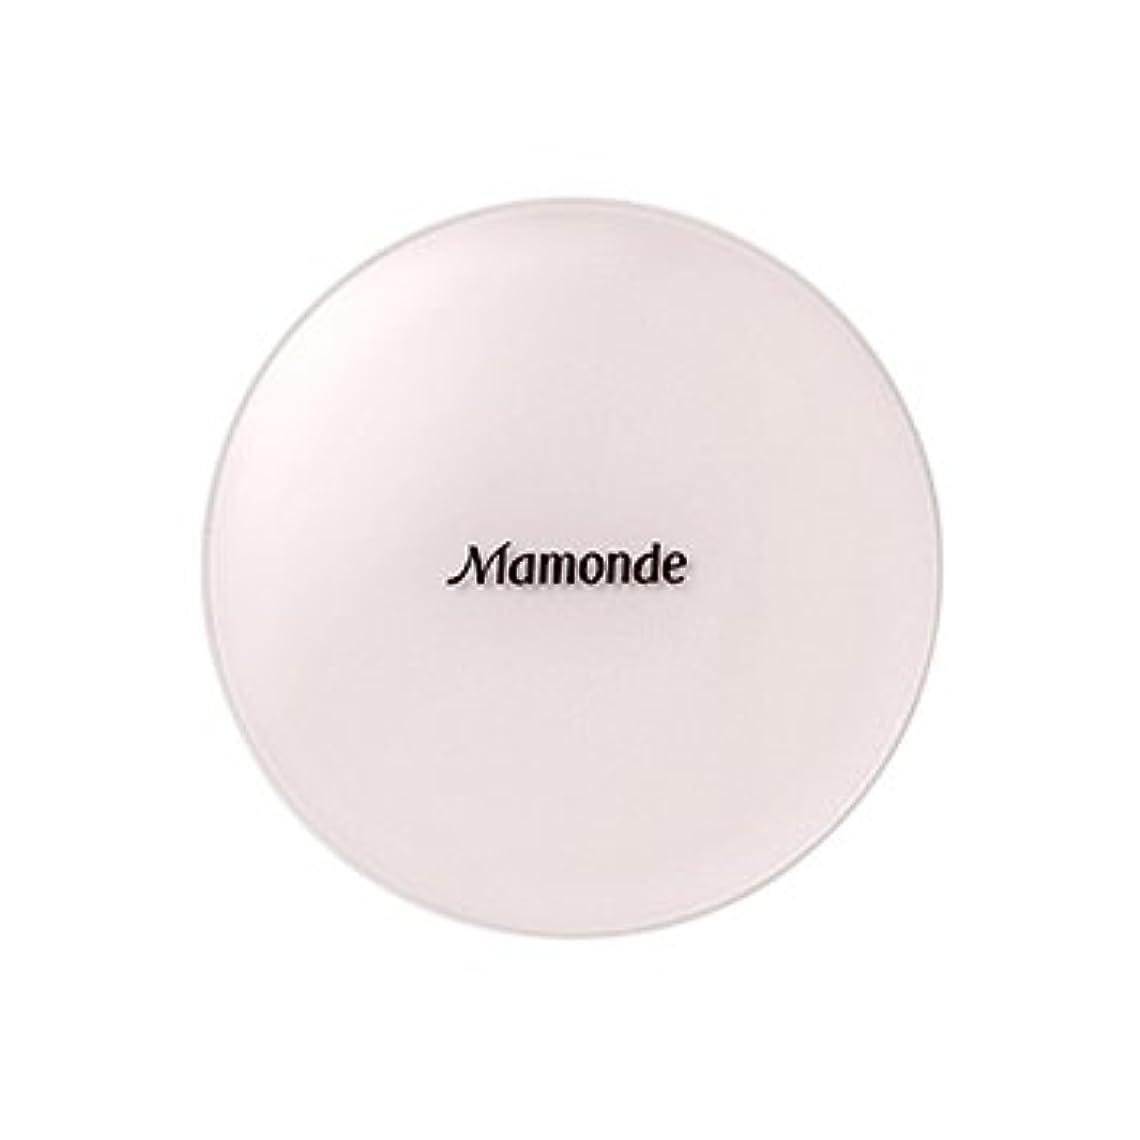 安西お父さん西[New] Mamonde Brightening Cover Ampoule Cushion 15g/マモンド ブライトニング カバー アンプル クッション 15g (#21N Medium Beige) [並行輸入品]